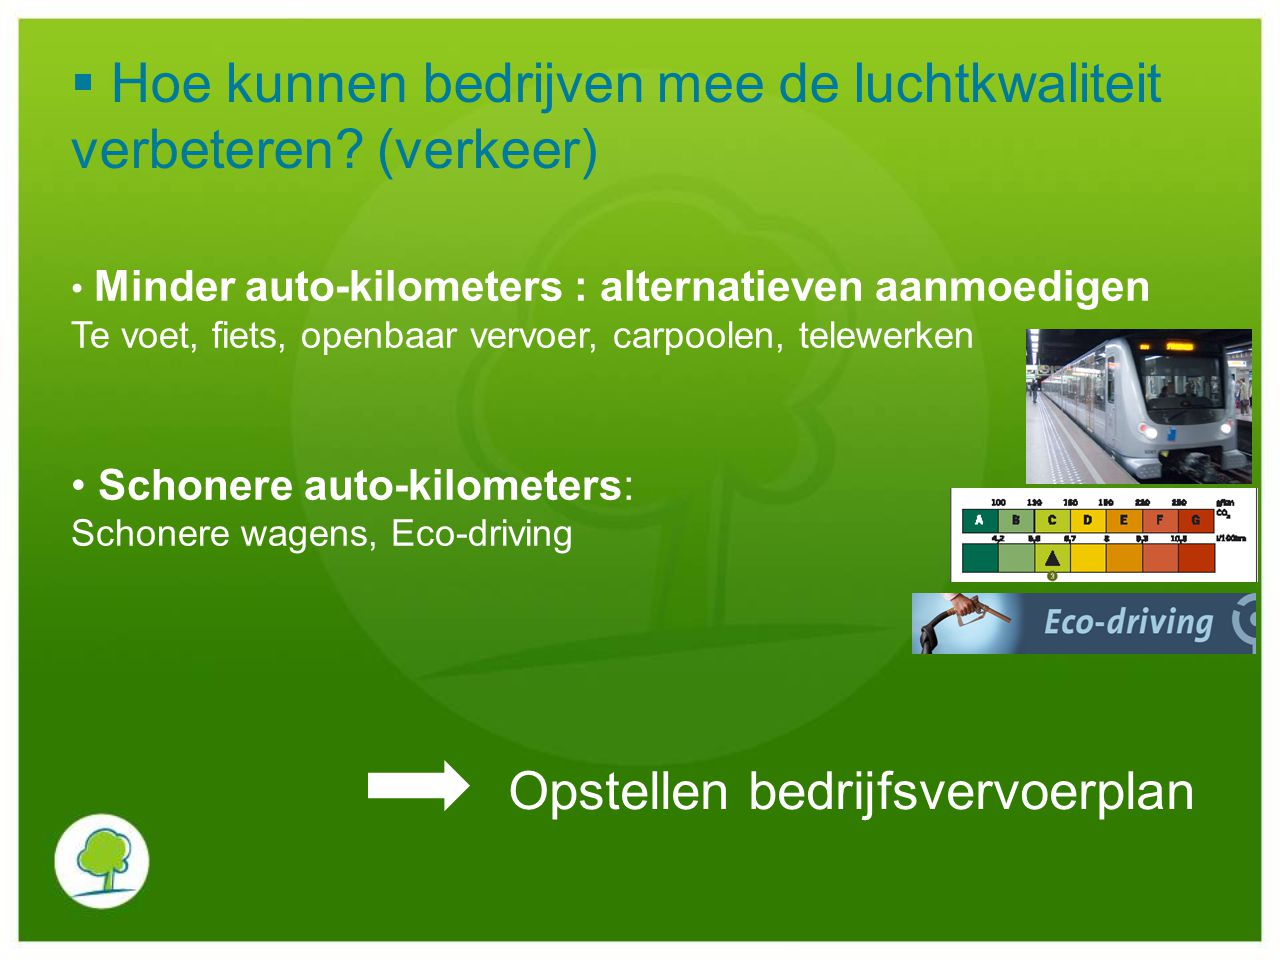 Minder auto-kilometers : alternatieven aanmoedigen Te voet, fiets, openbaar vervoer, carpoolen, telewerken Schonere auto-kilometers: Schonere wagens,